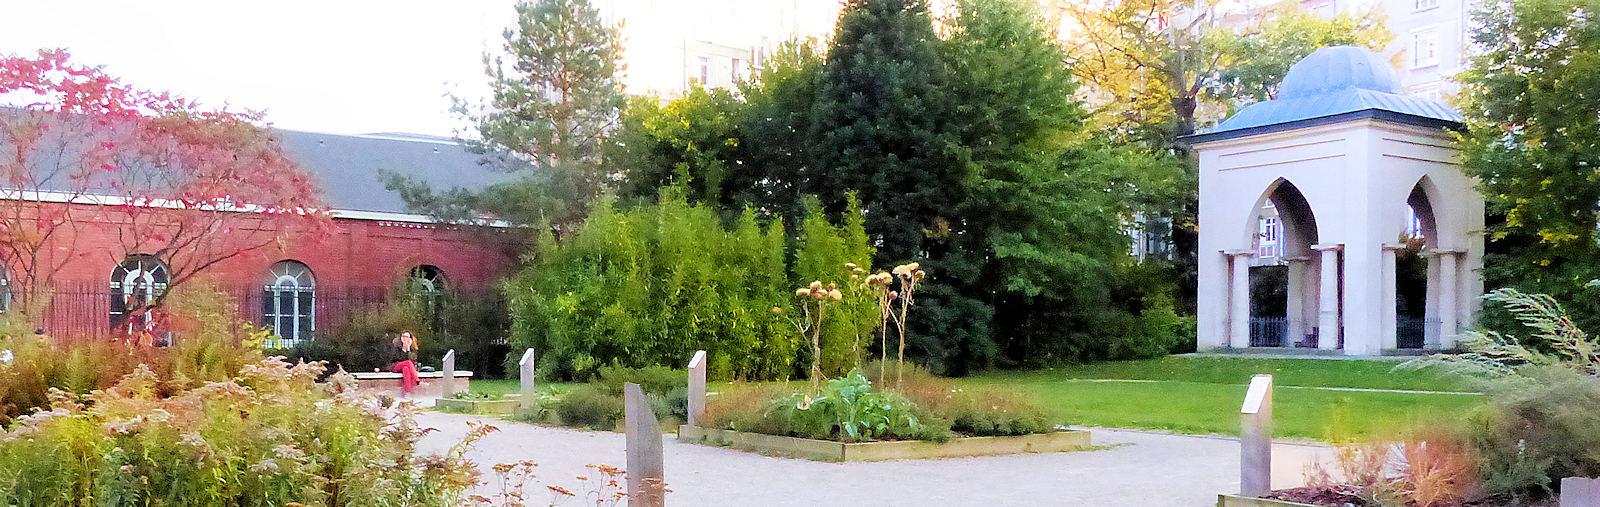 Jardin et Calvaire de l'Hospice d'Havré de Tourcoing